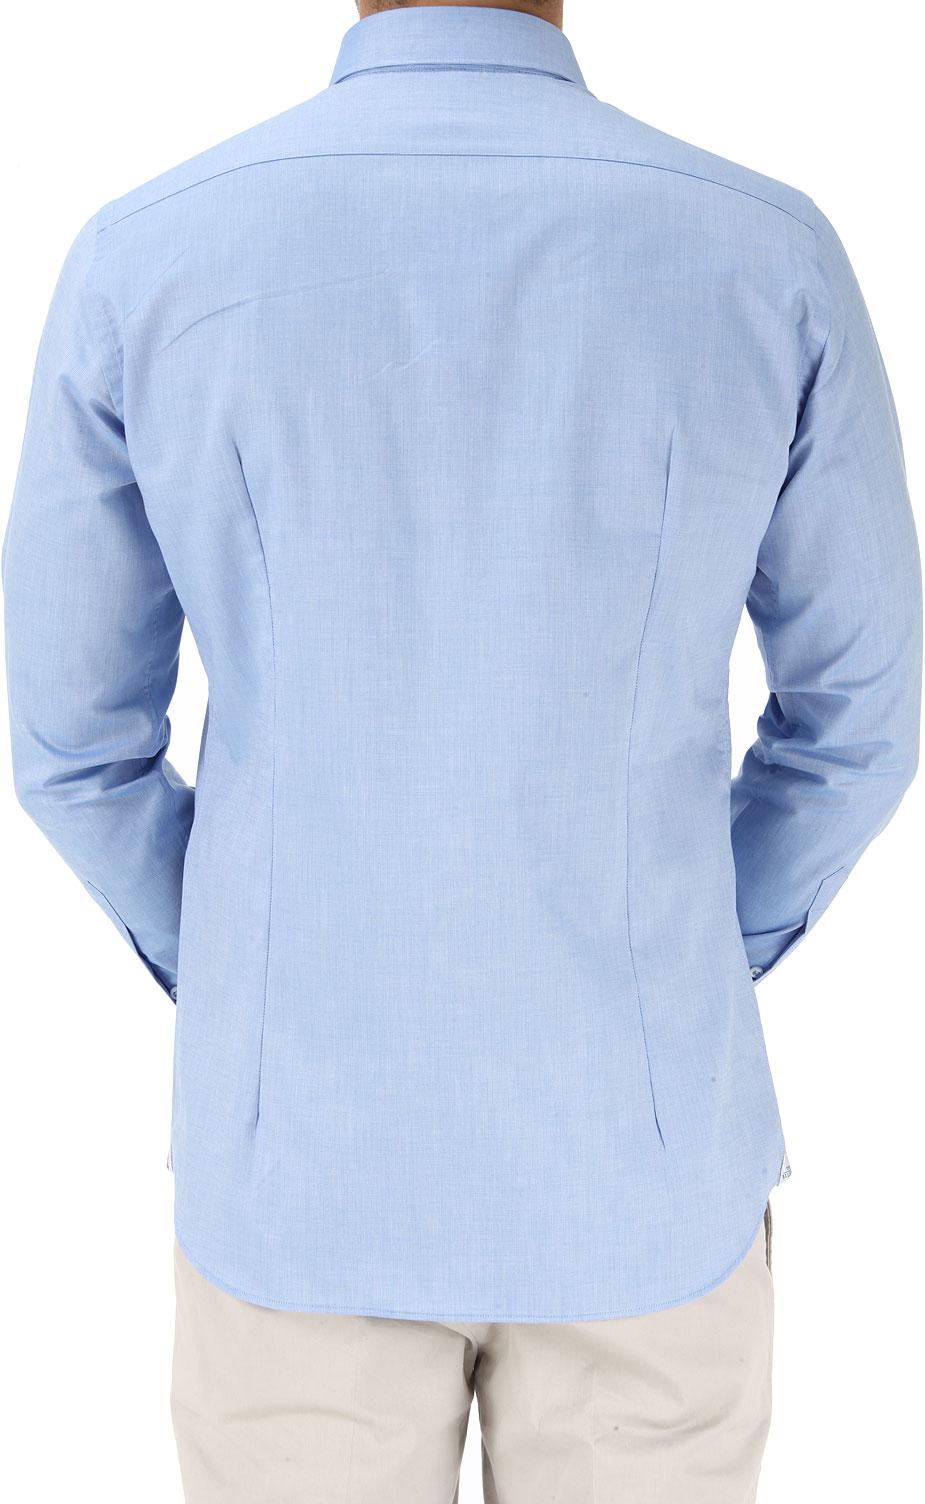 3342 Abbigliamento Uomo Abbigliamento 622730 001 Articolo Del Codice Uomo Siena 01wqw4